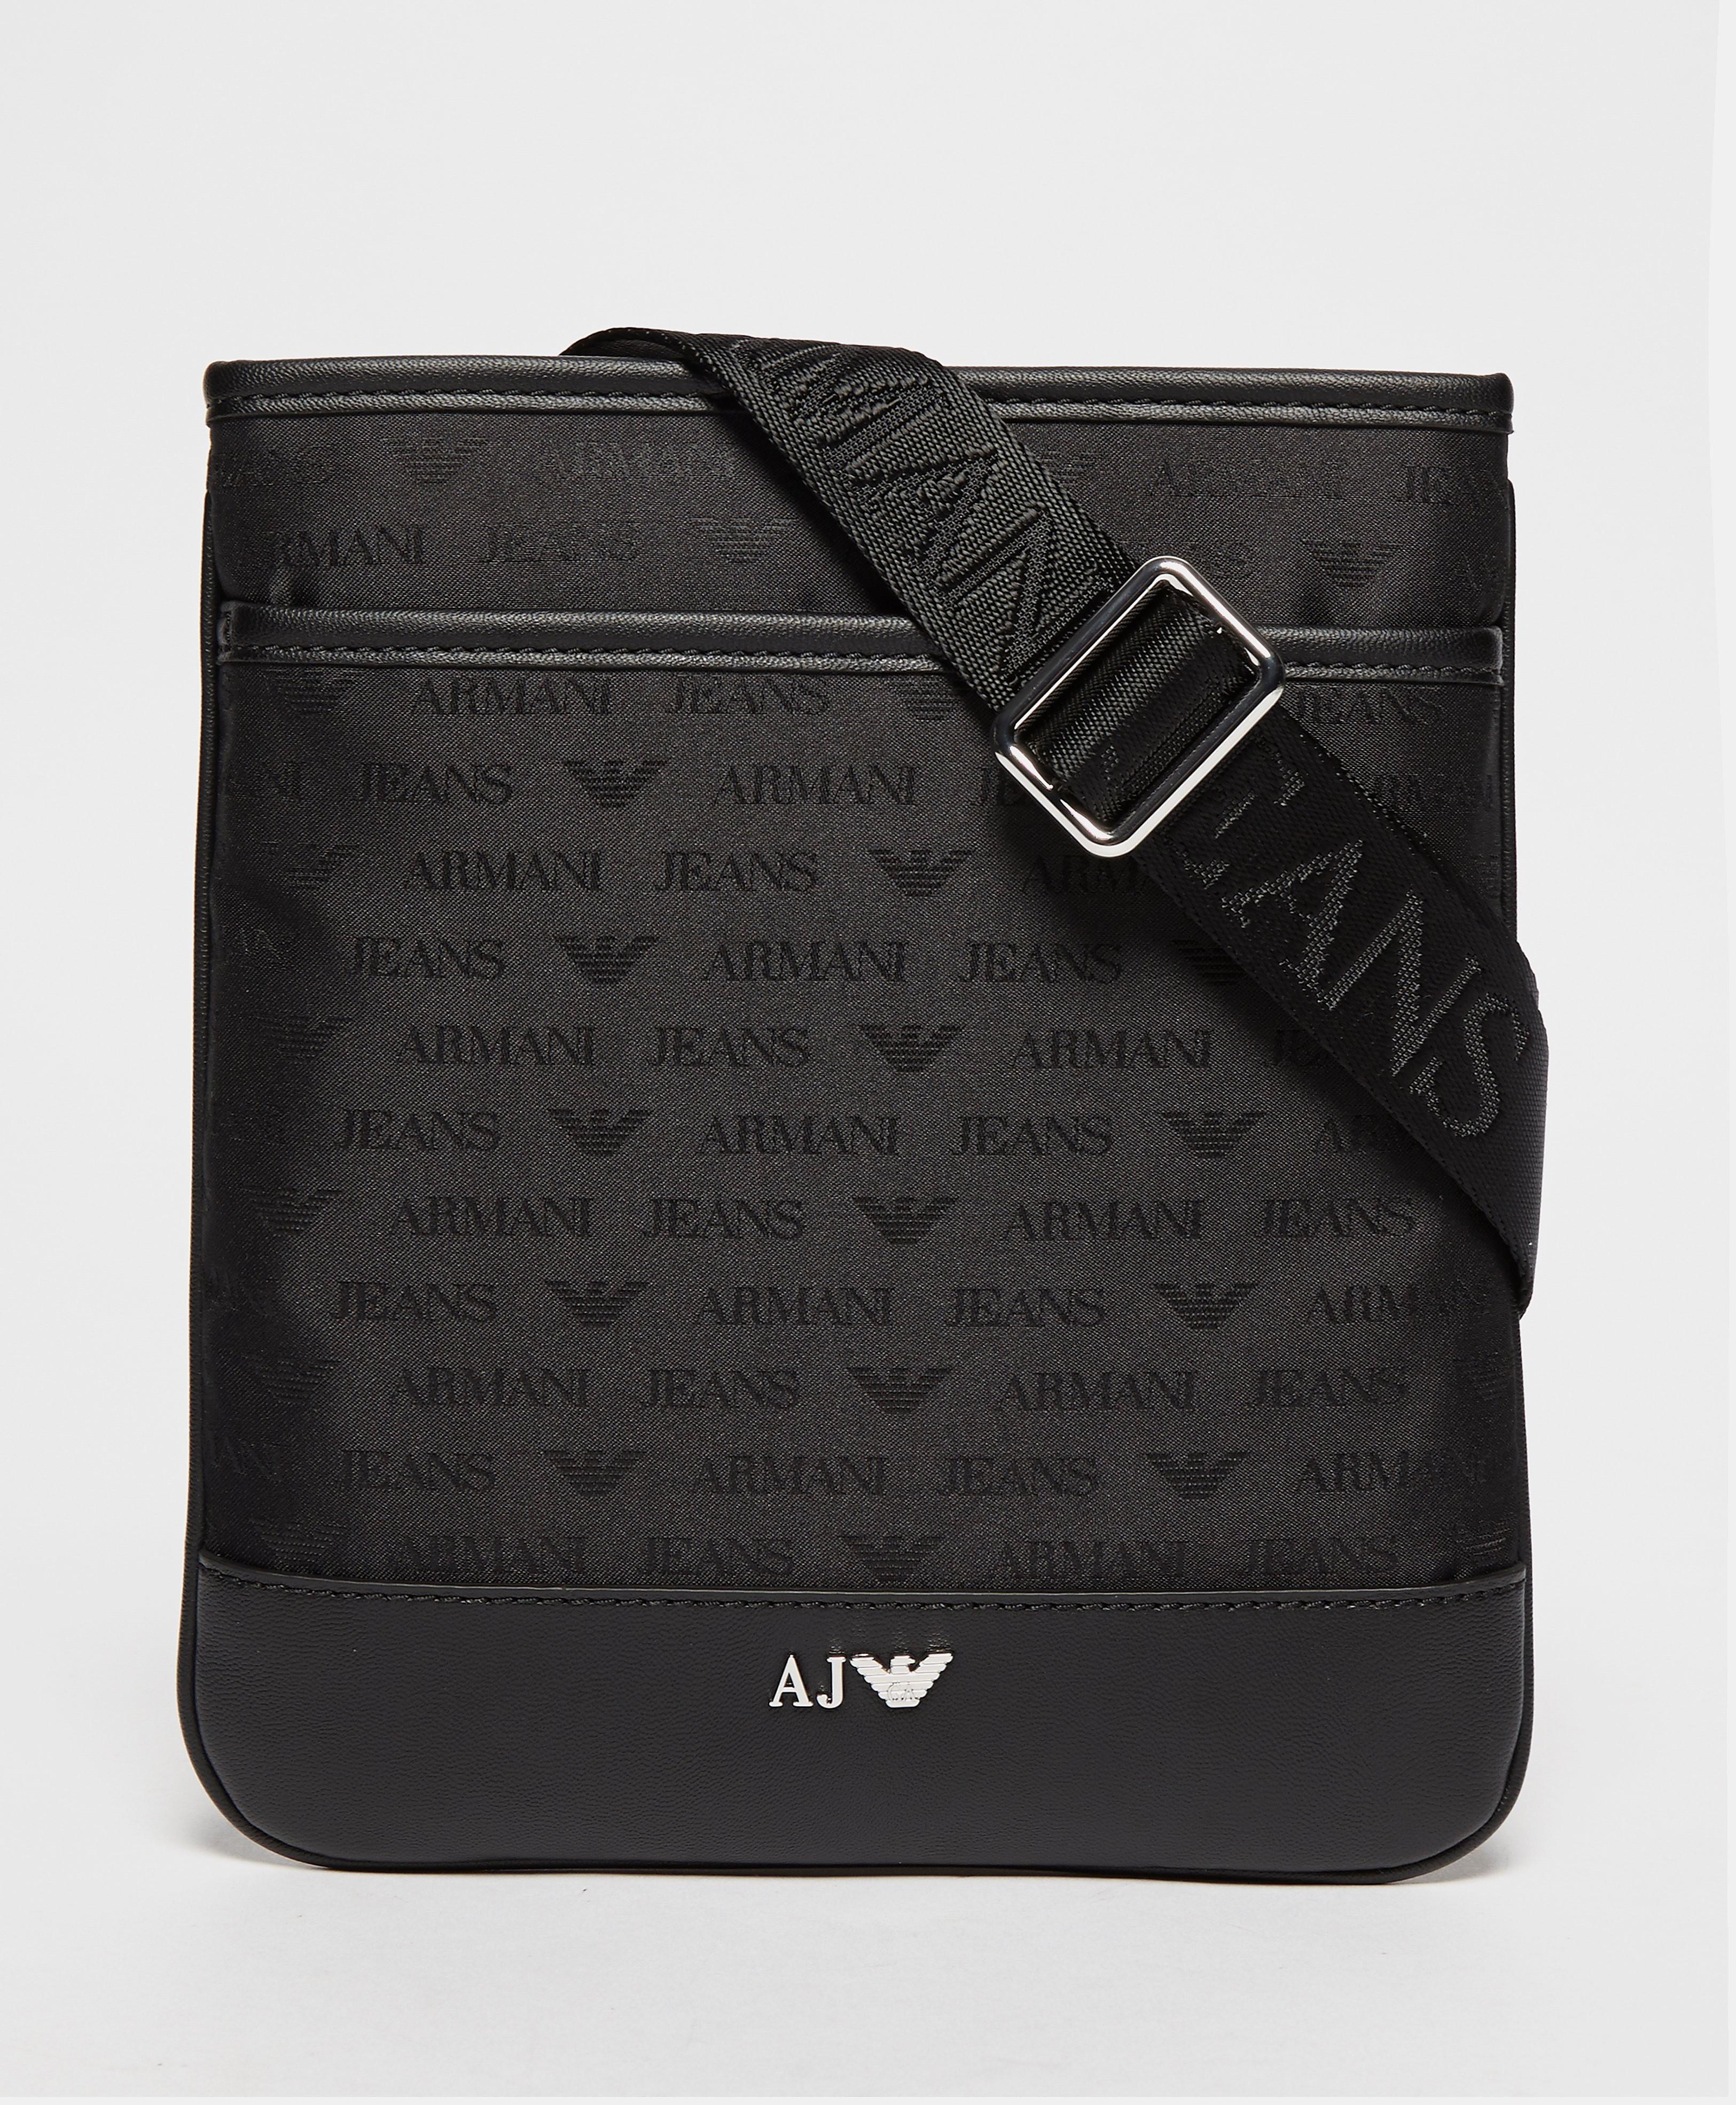 Armani Jeans Small Nylon Bag  Black Black